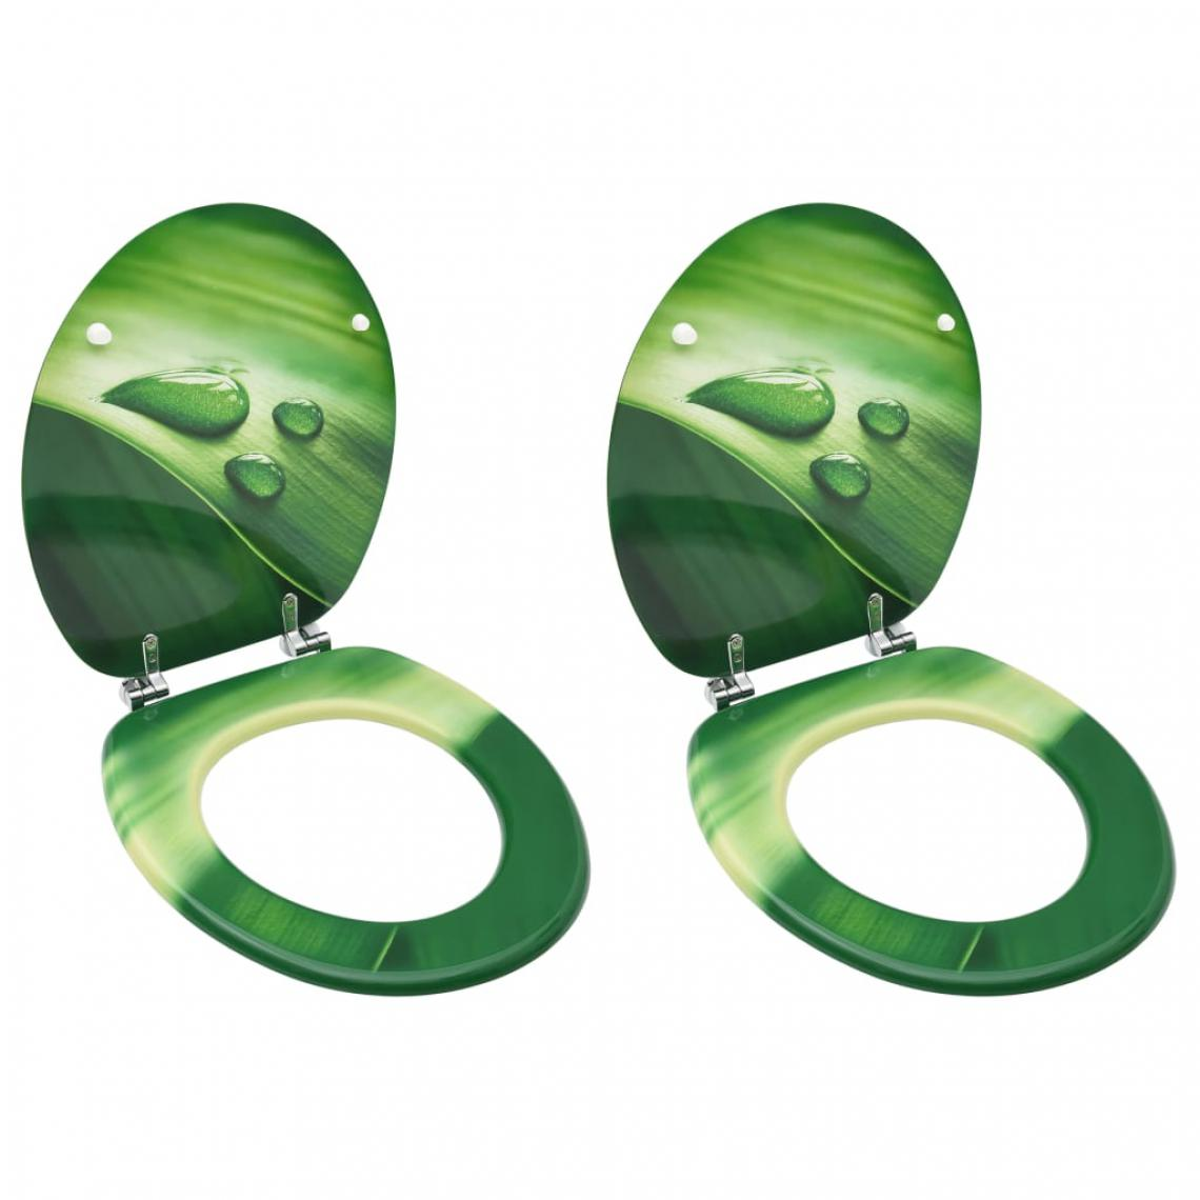 Vidaxl vidaXL Sièges de toilette avec couvercle 2 pcs MDF Vert Gouttes d'eau